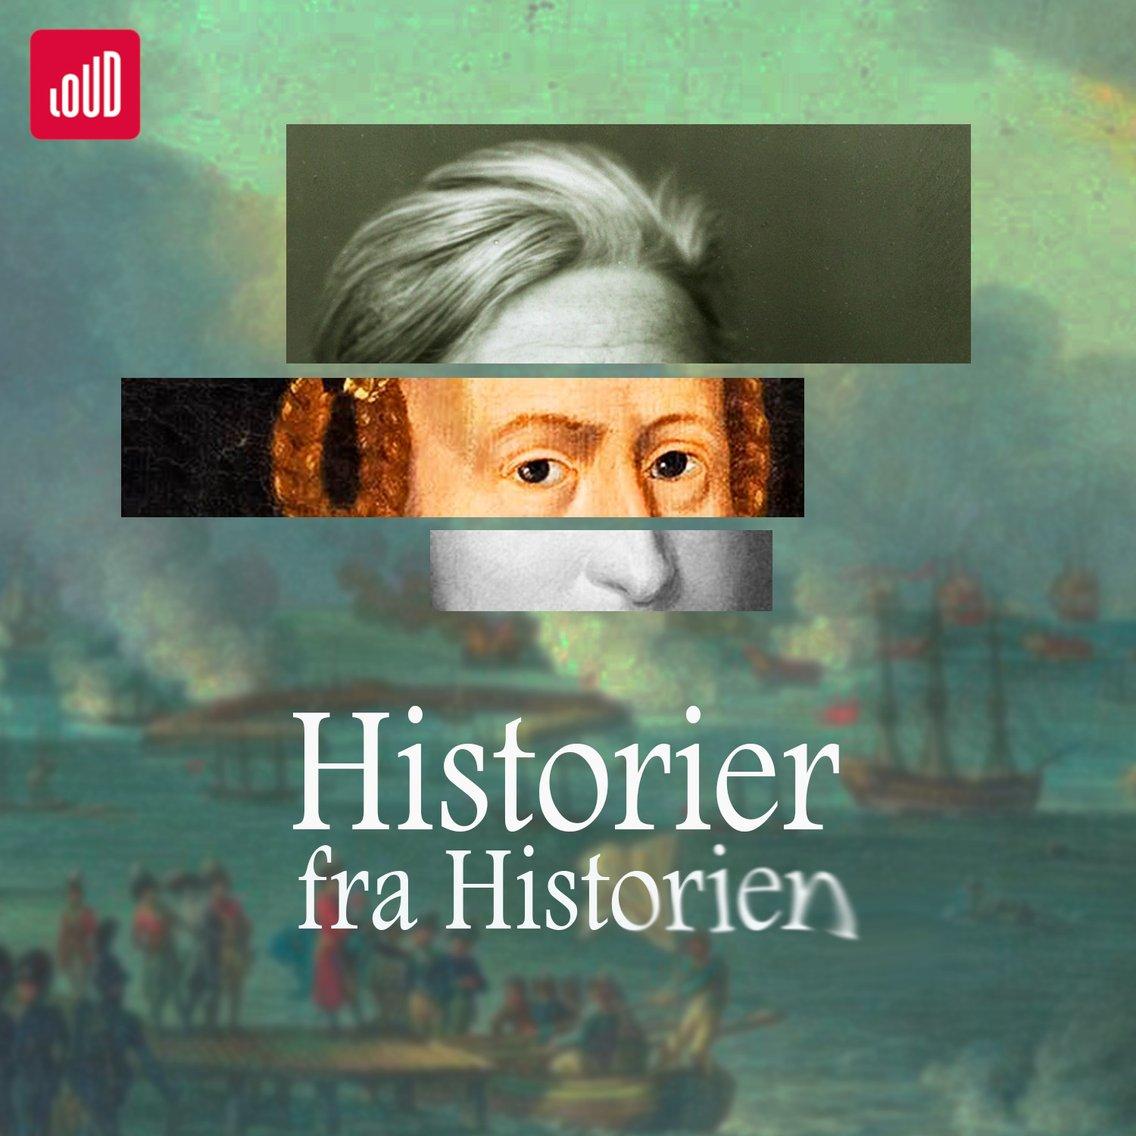 Historier fra Historien - immagine di copertina